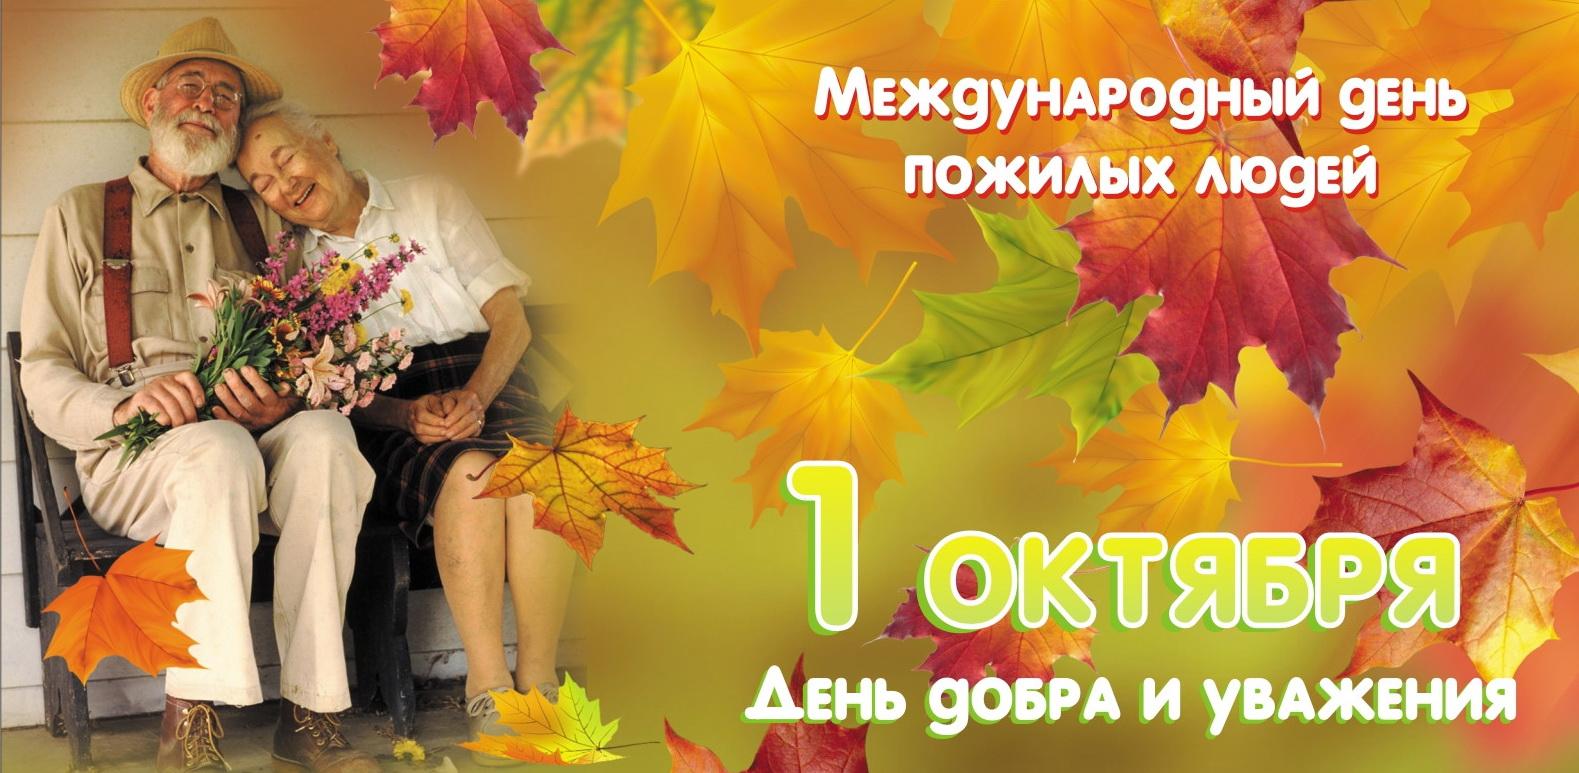 Ярославский областной комитет КПРФ поздравляет ярославцев старшего поколения!